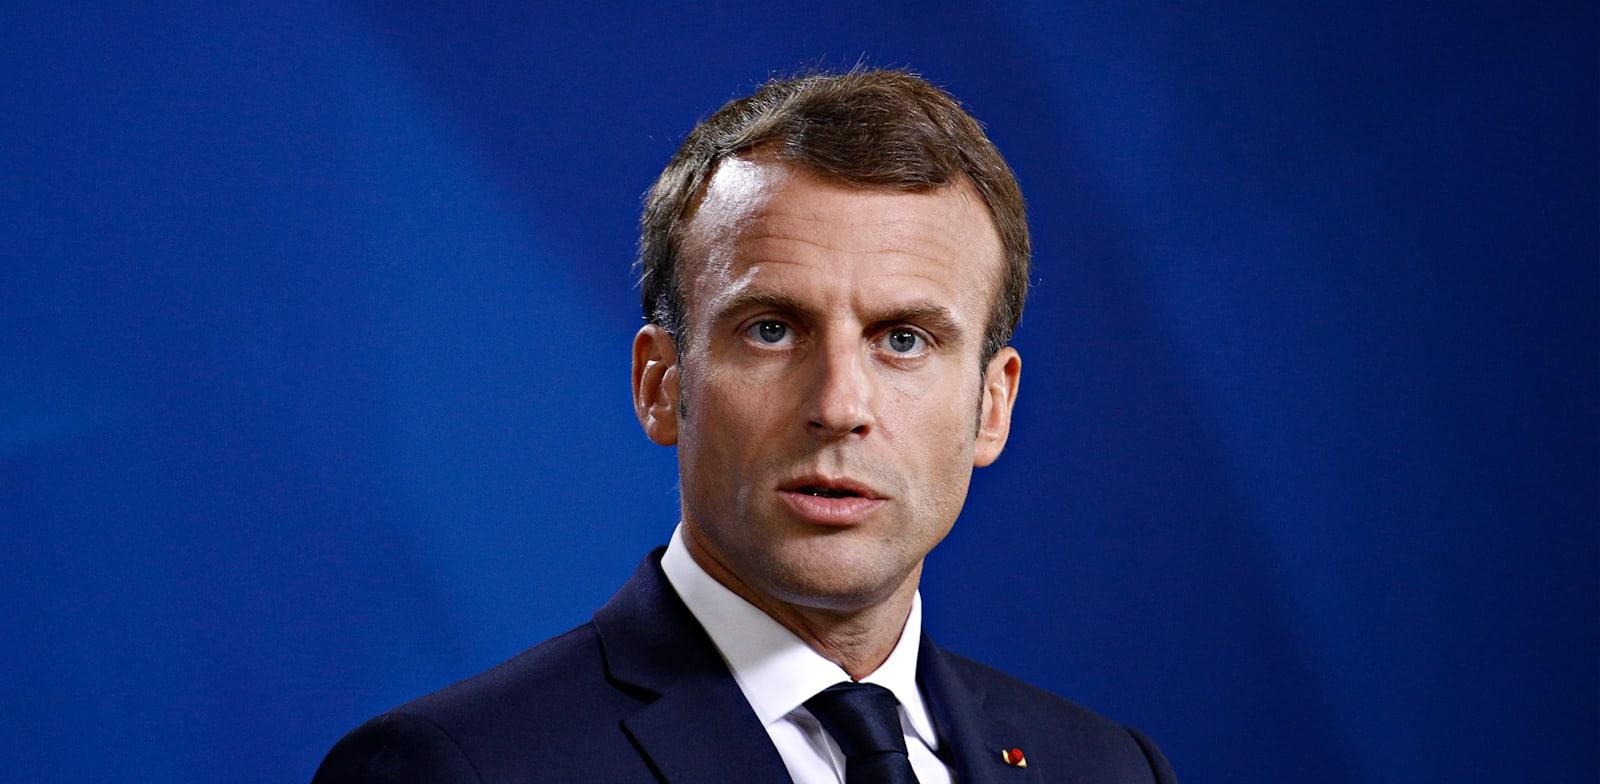 עמנואל מקרון, נשיא צרפת / צילום: Shutterstock, Alexandros Michailidis